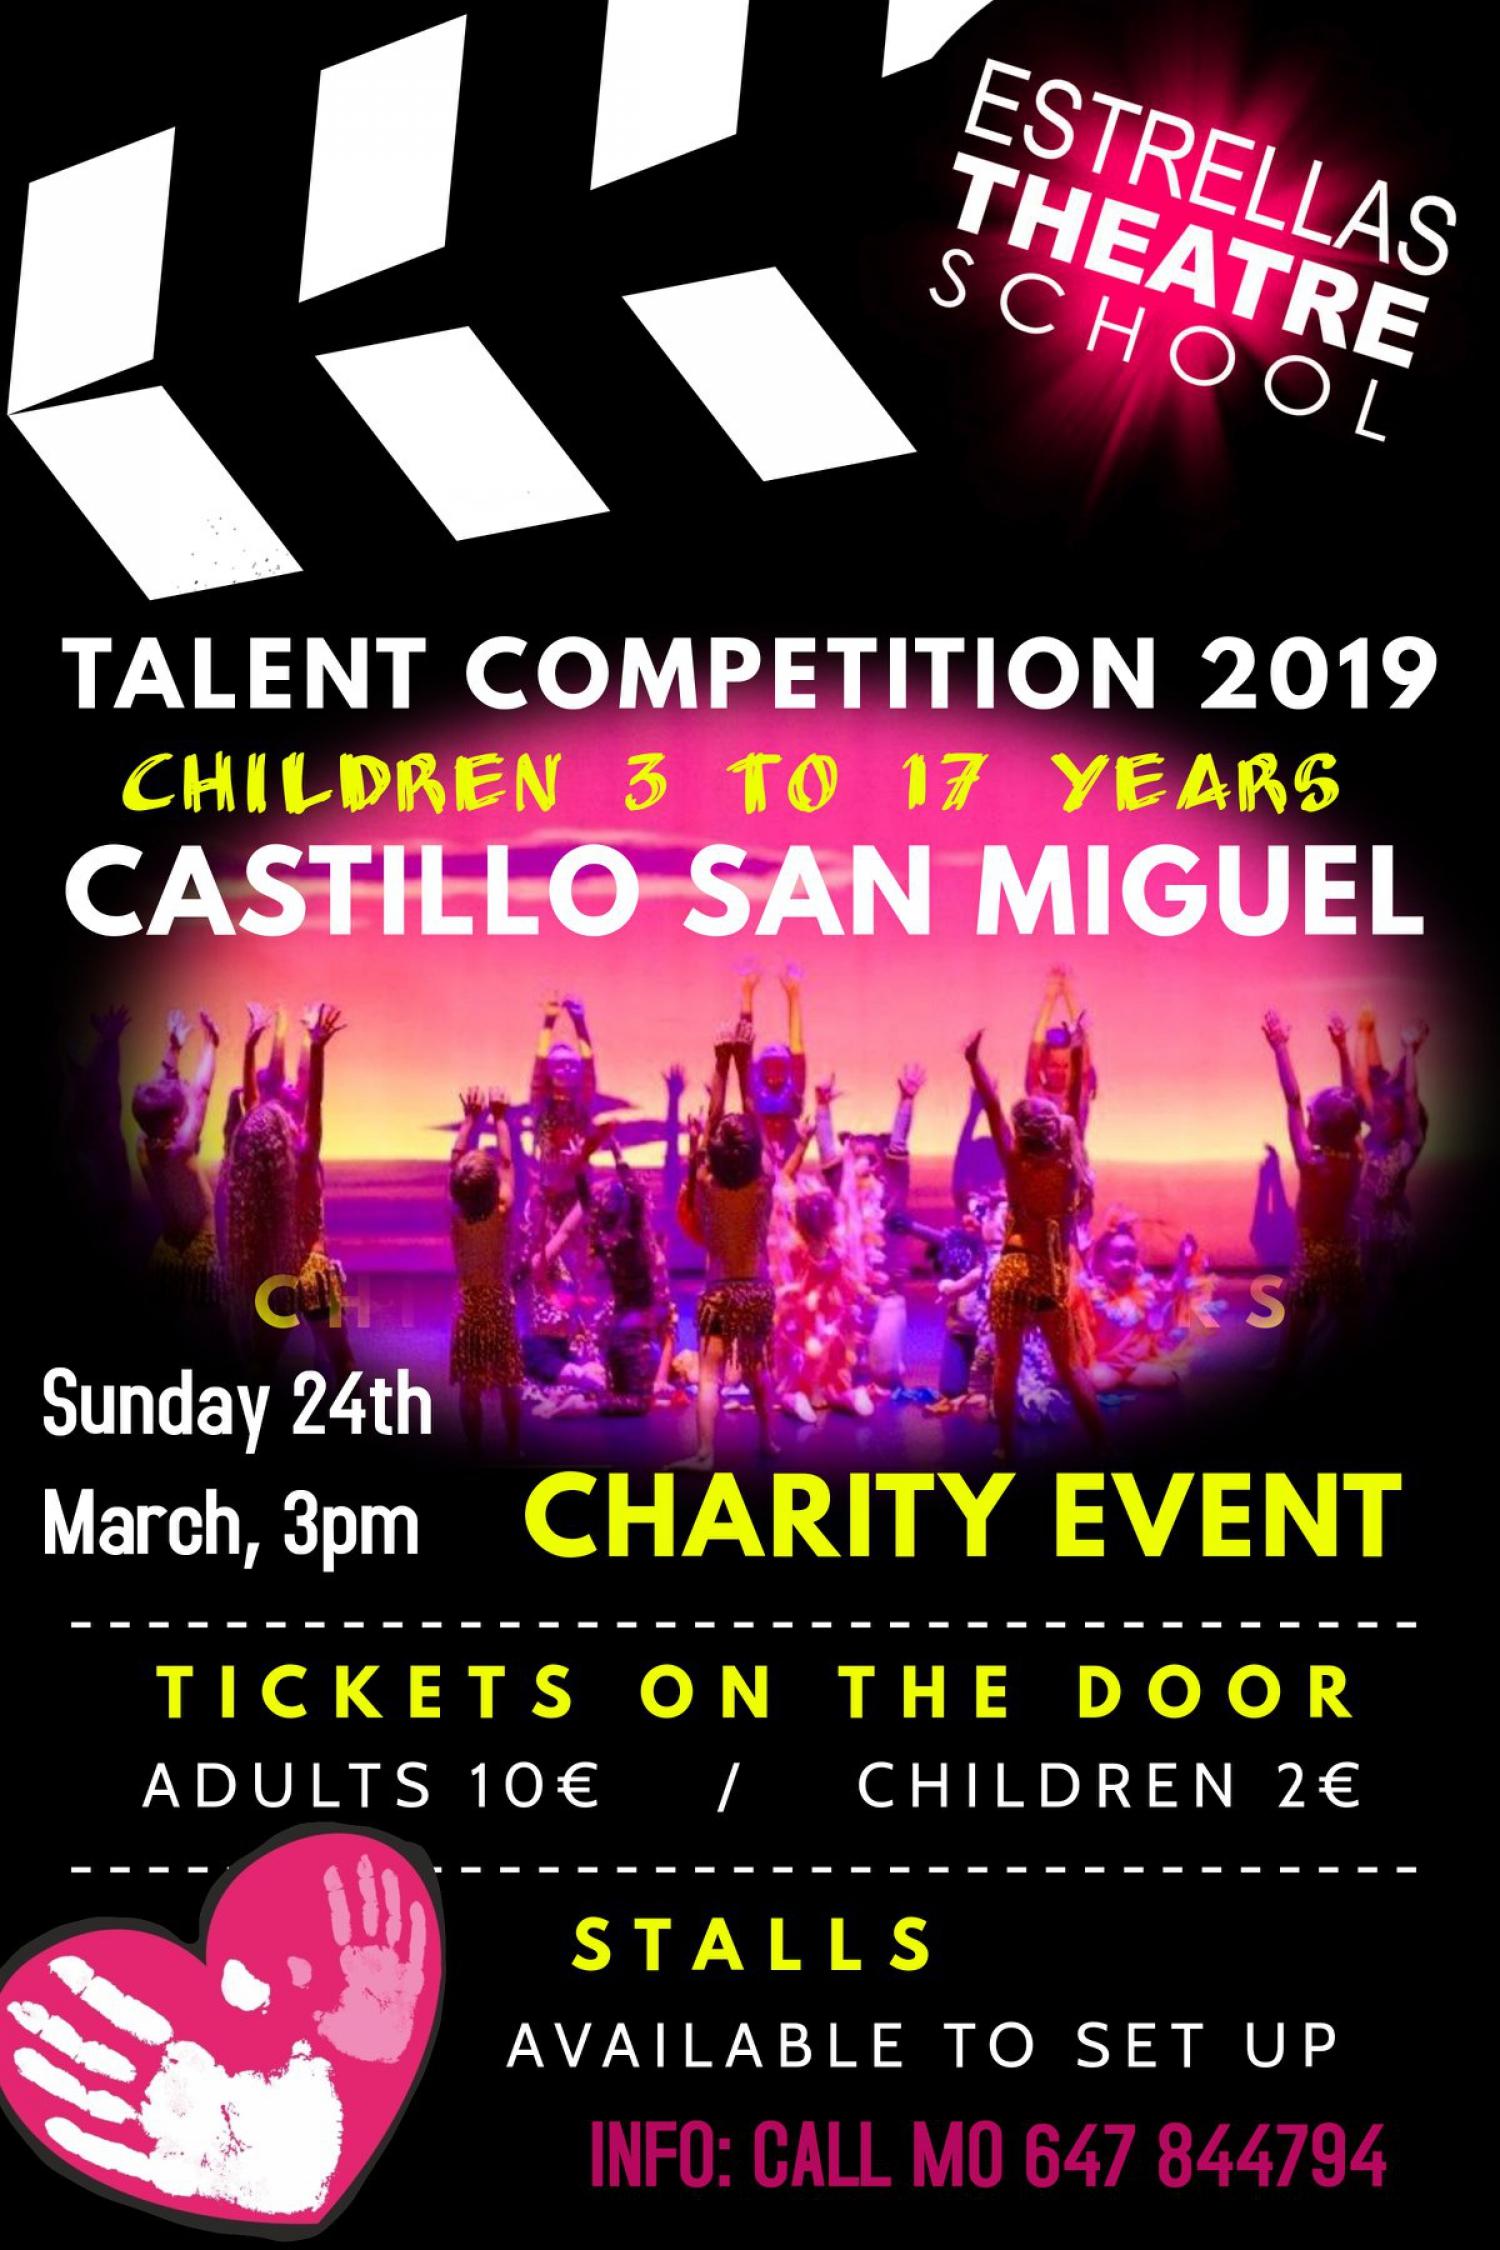 Estrellas Theatre School Talent Competition